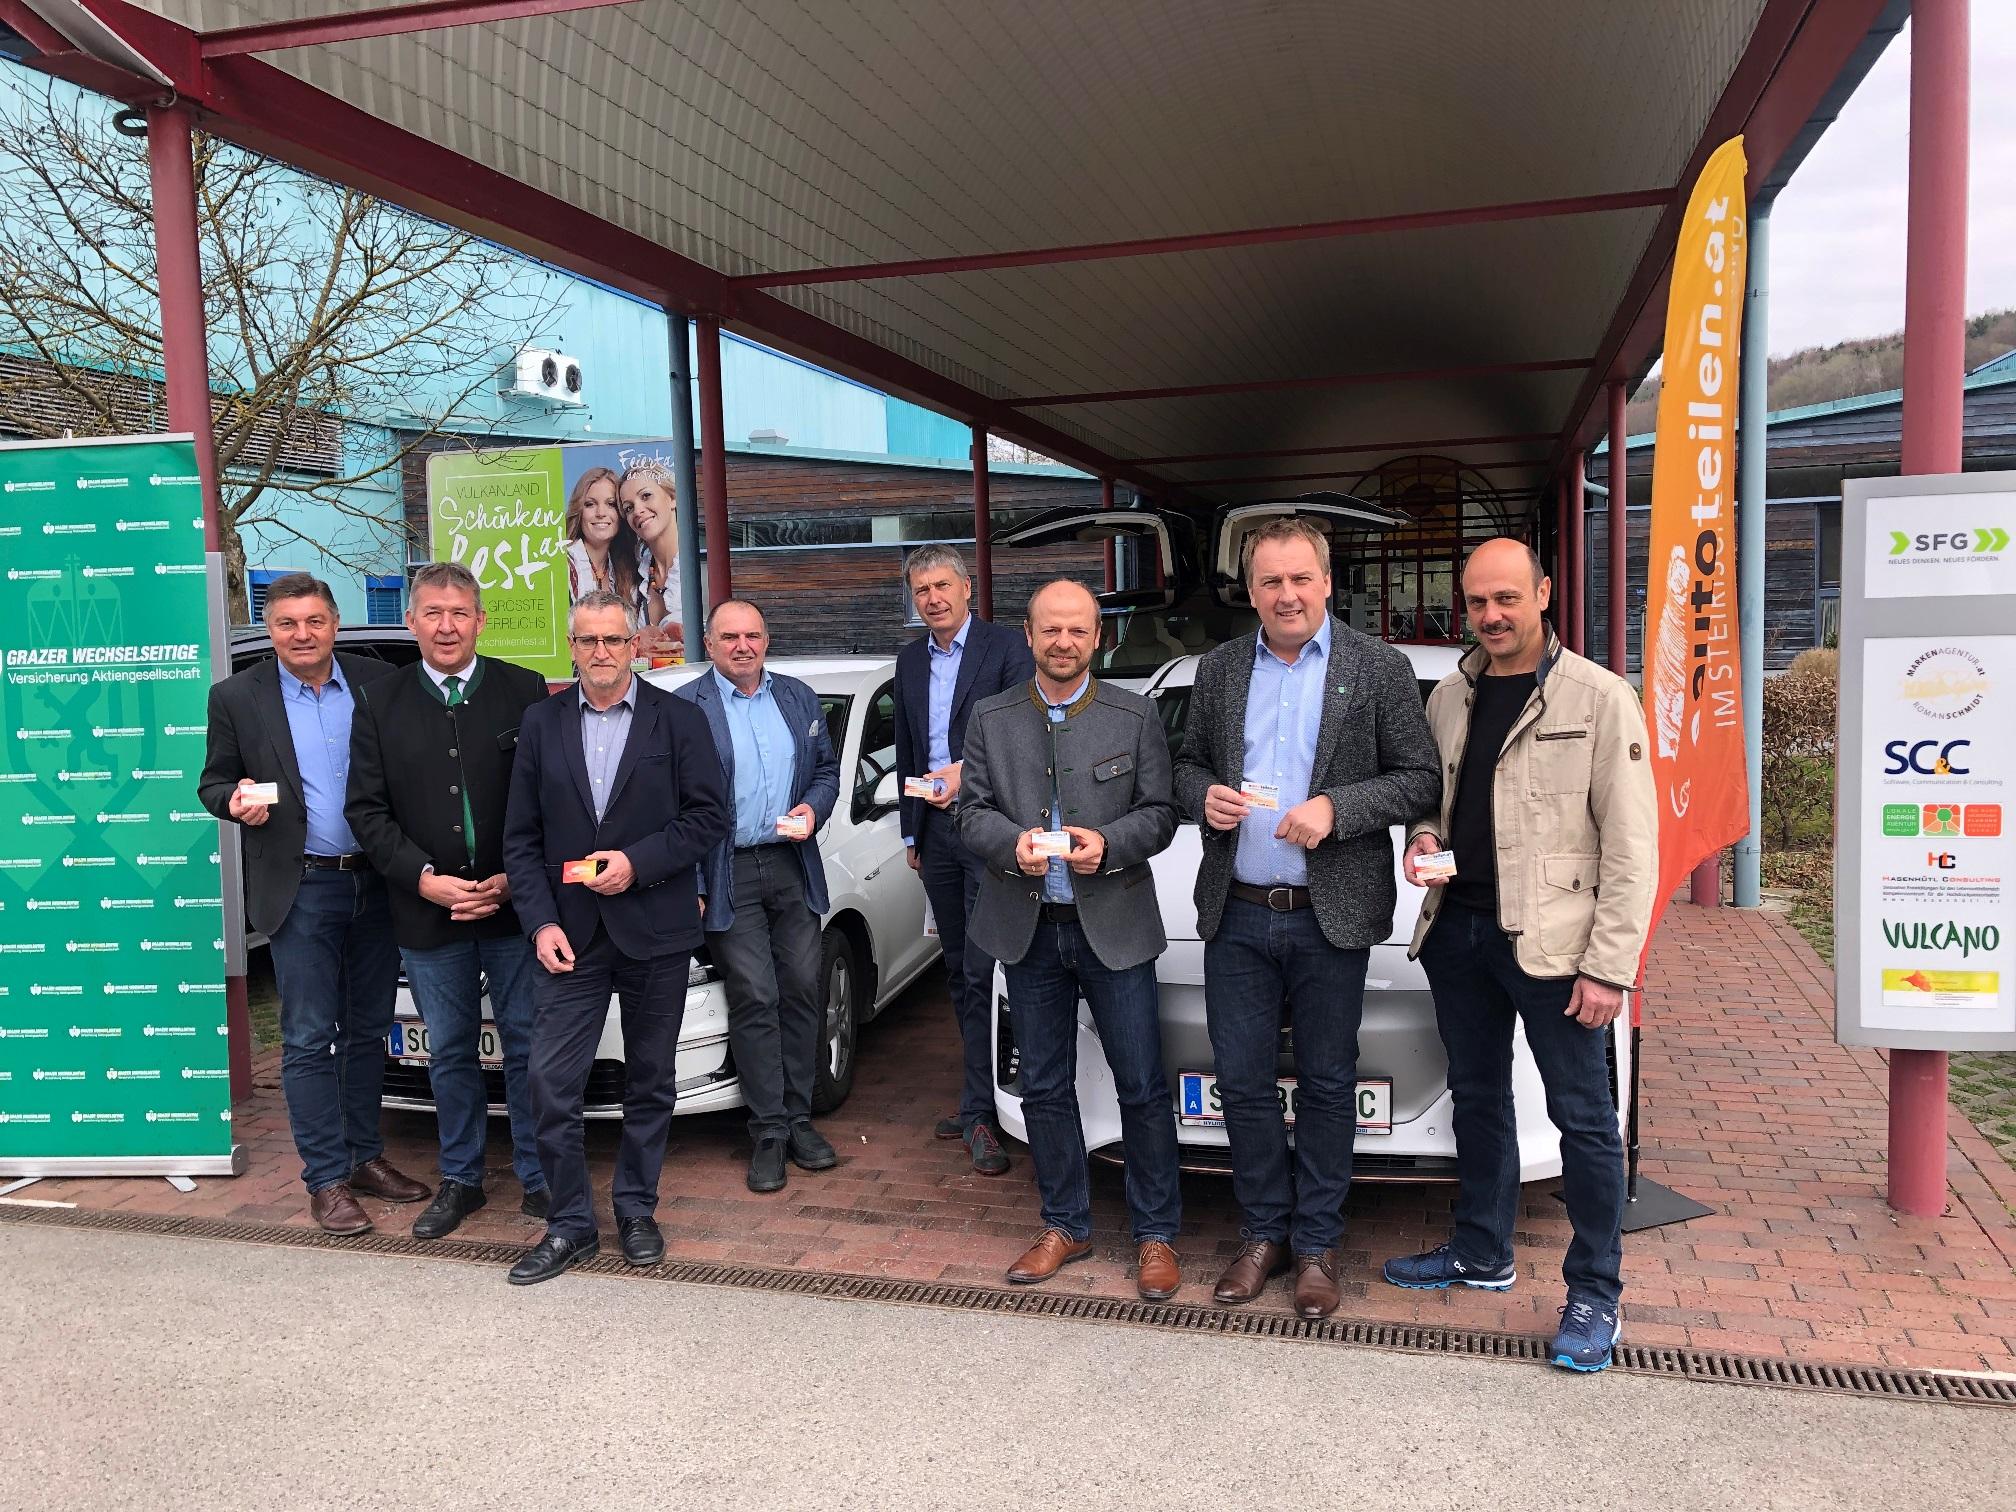 E-Autos testen für 20 Euro am Tag, Die Woche, 28.3.2019